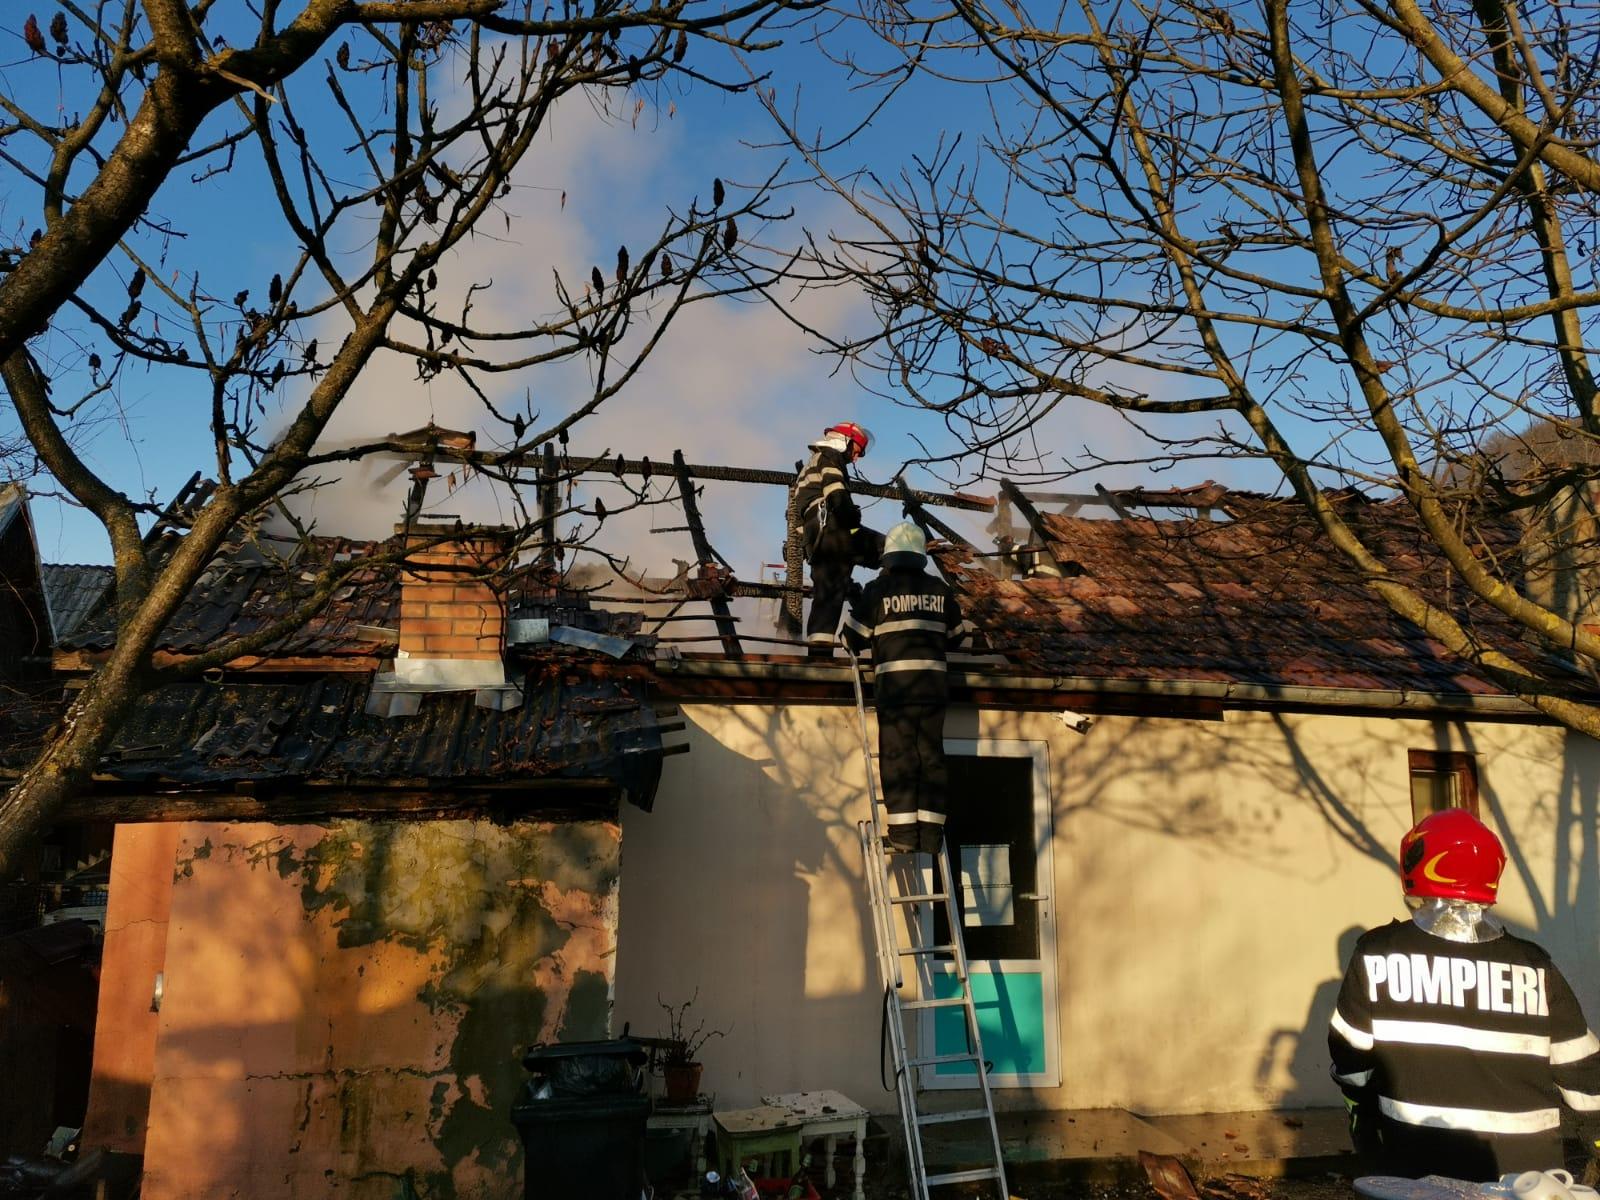 FOTO/VIDEO: Incendiu în localitatea Chiraleș; acoperișul unui imobil în care funcționa un magazin a fost cuprins de flăcări